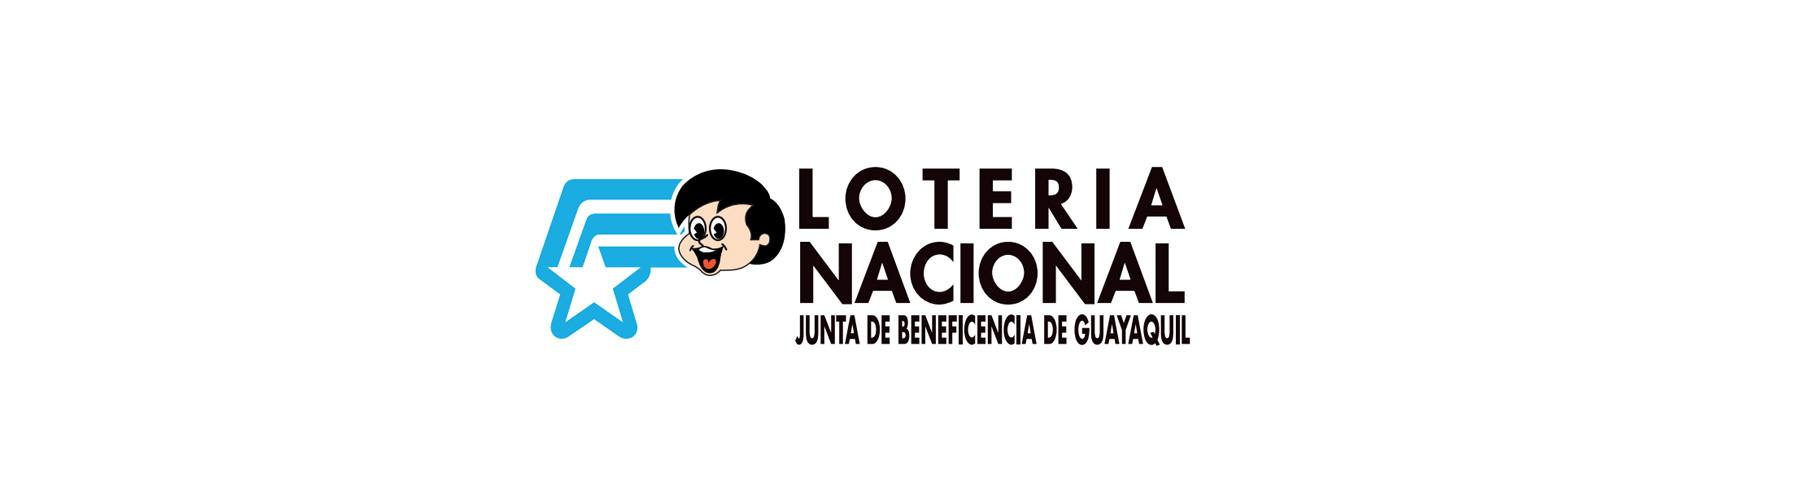 Loteria nacional – старейшая национальная лотерея испании. джекпот от € 84 млн !